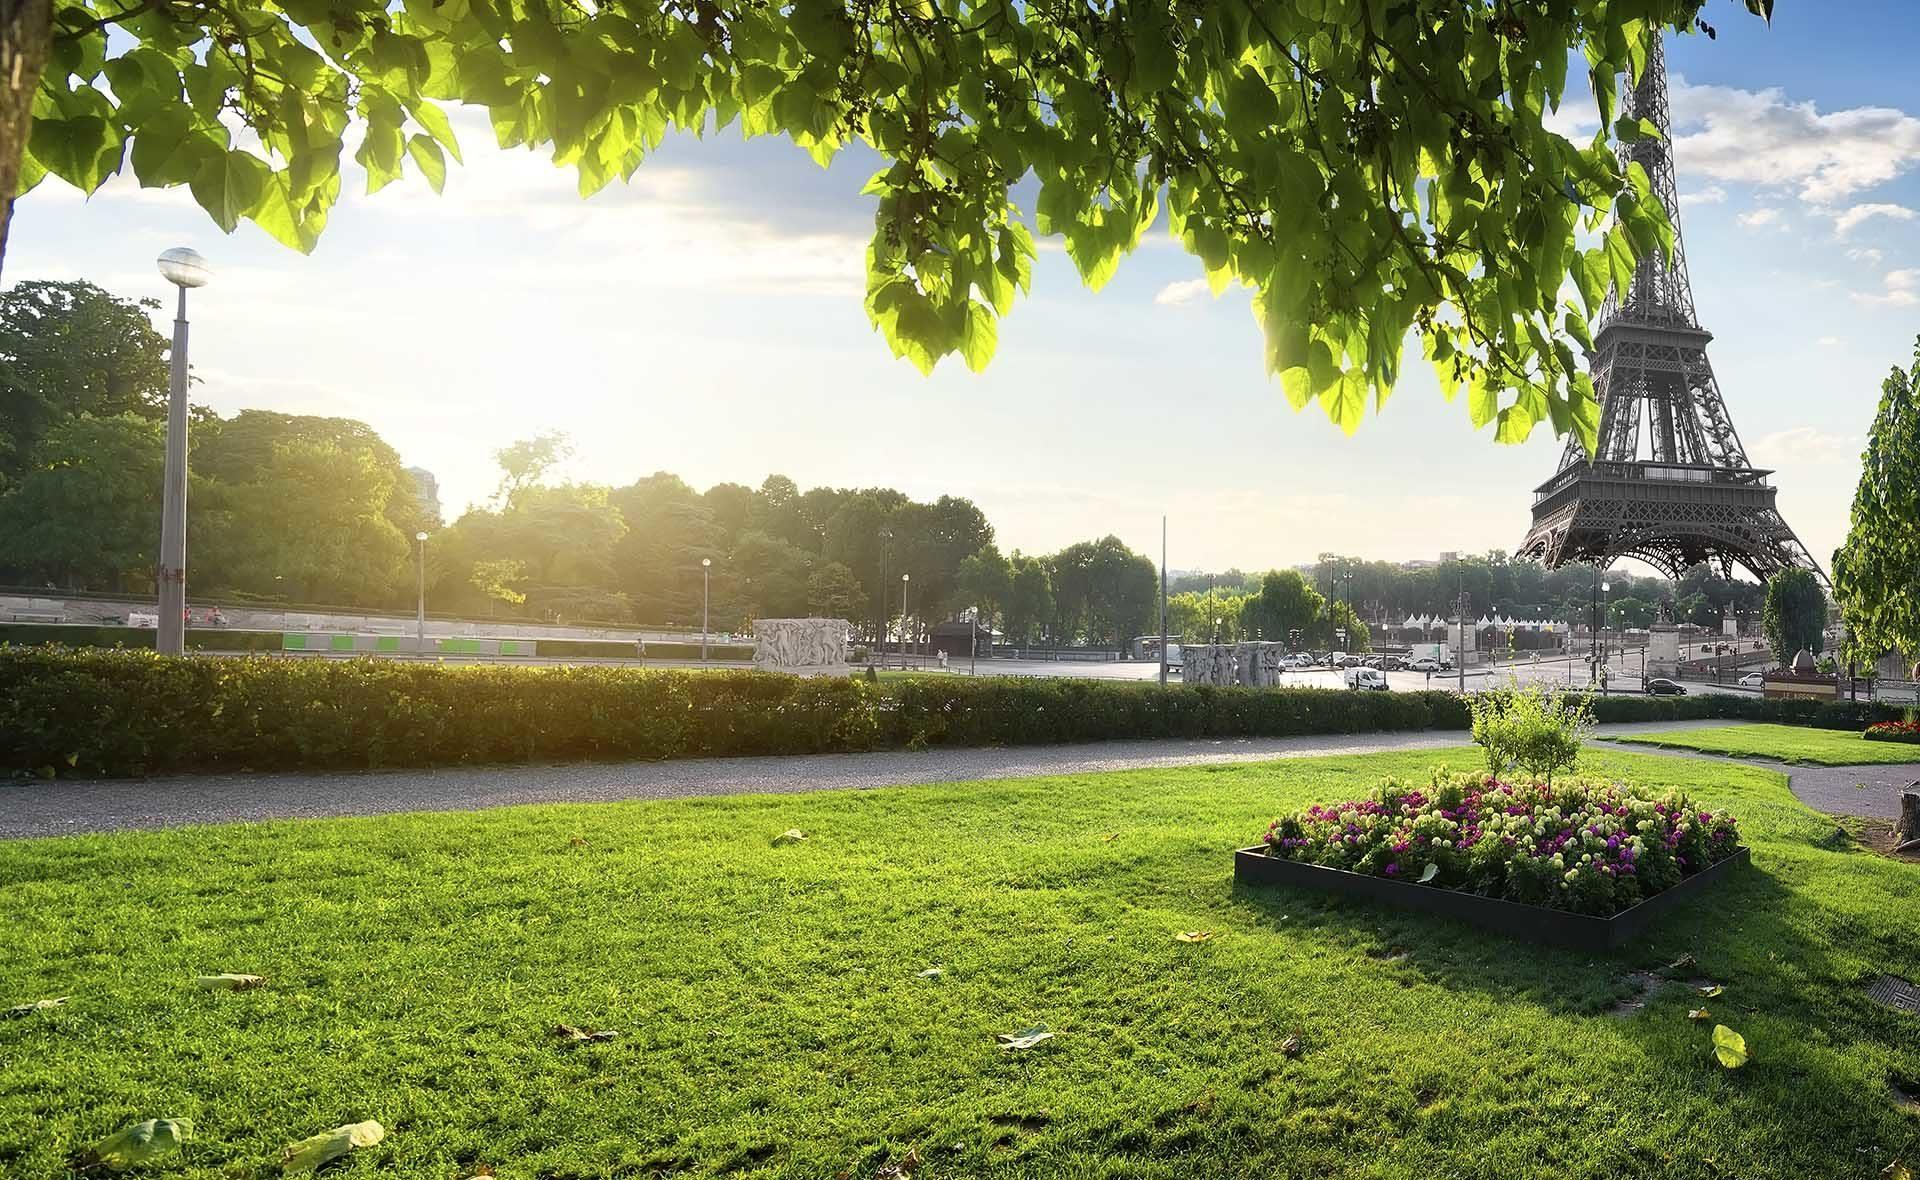 Fotografía de Francia, París, verde, sostenible, Torre Eiffel, medioambiente